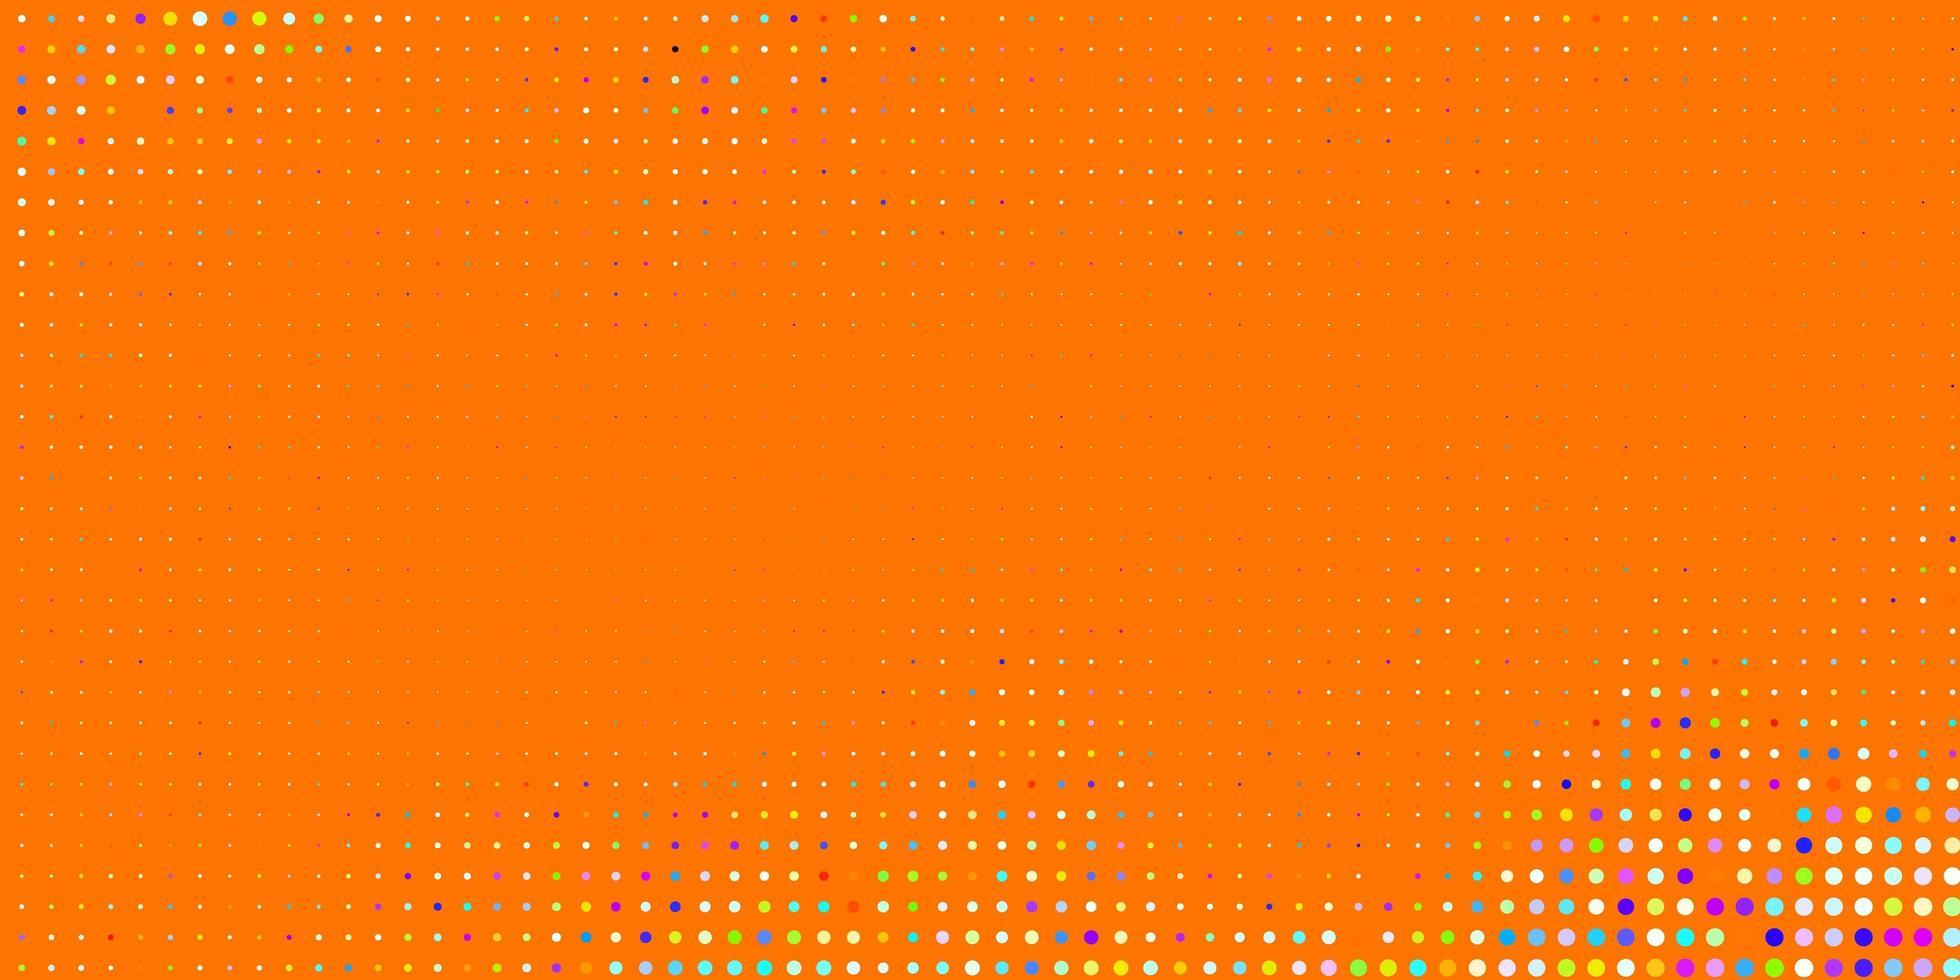 ljus flerfärgad vektorstruktur med skivor. vektor